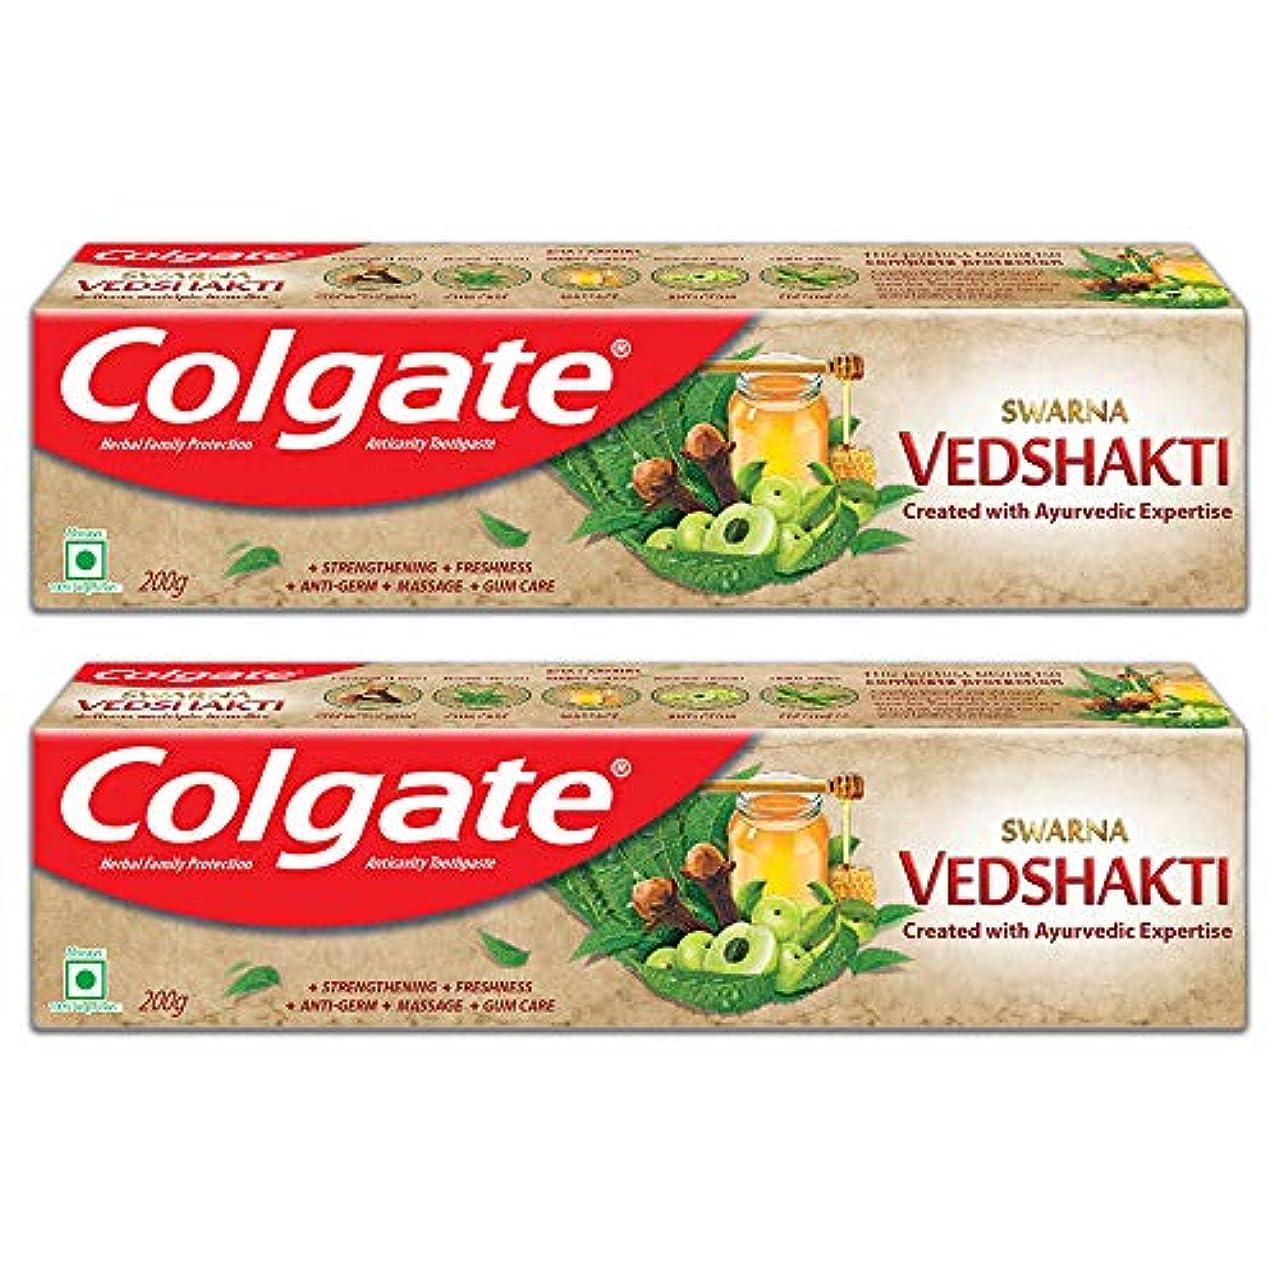 浮く帝国主義落ち着いてColgate Swarna Vedshakti Toothpaste - 200gm (Pack of 2)